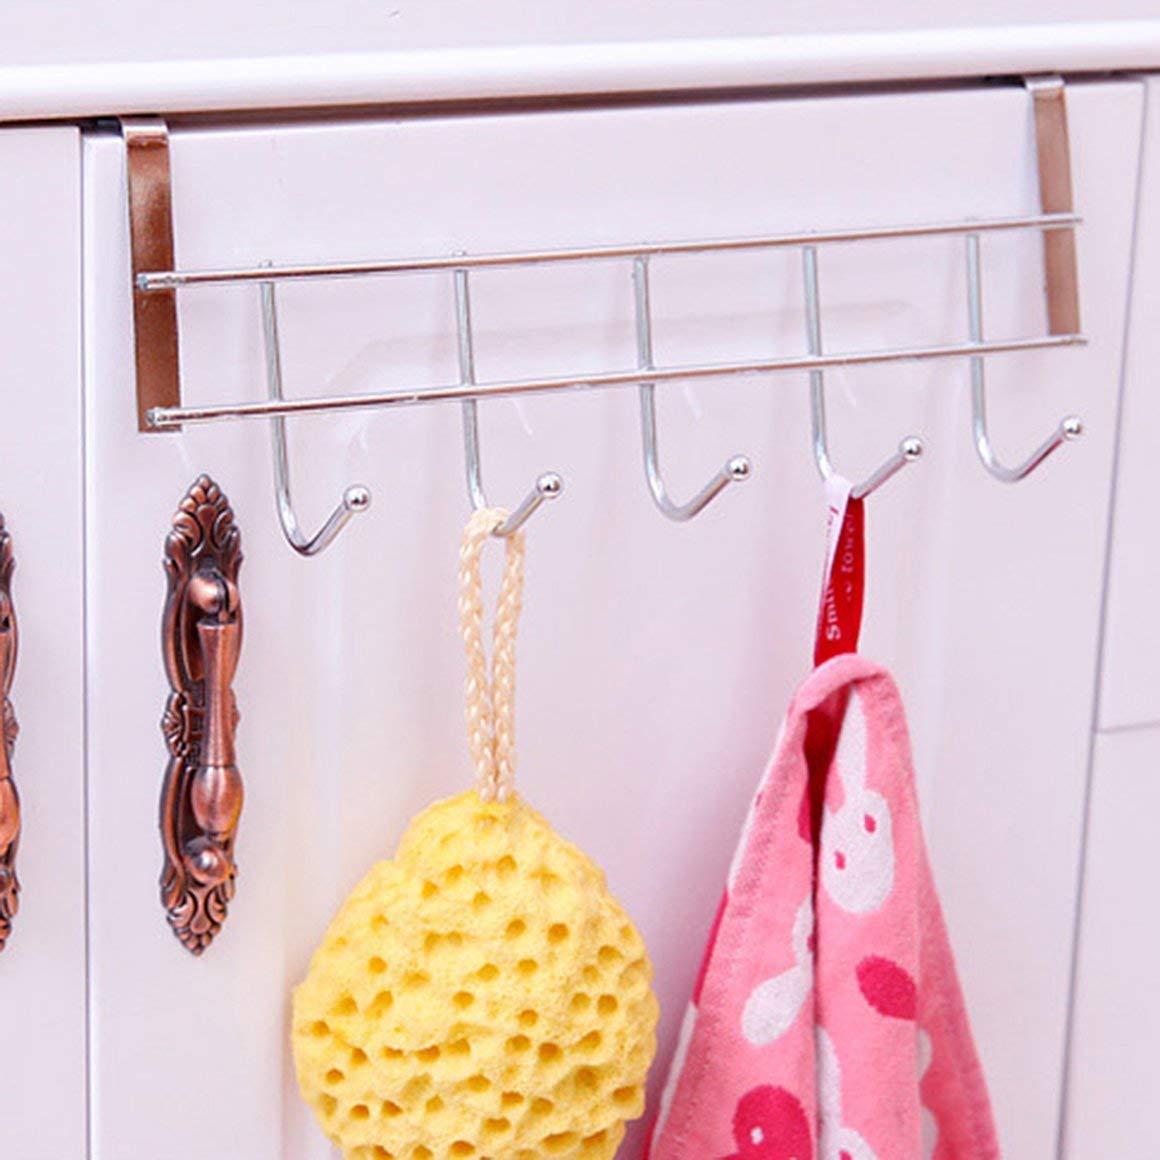 Funnyrunstore 1 pc 5 Ganchos Ropa de Acero Inoxidable Ganchos Puerta Ba/ño Gabinete de Cocina Dibujar Dormitorio Toalla Percha Colgar Loop Organizador